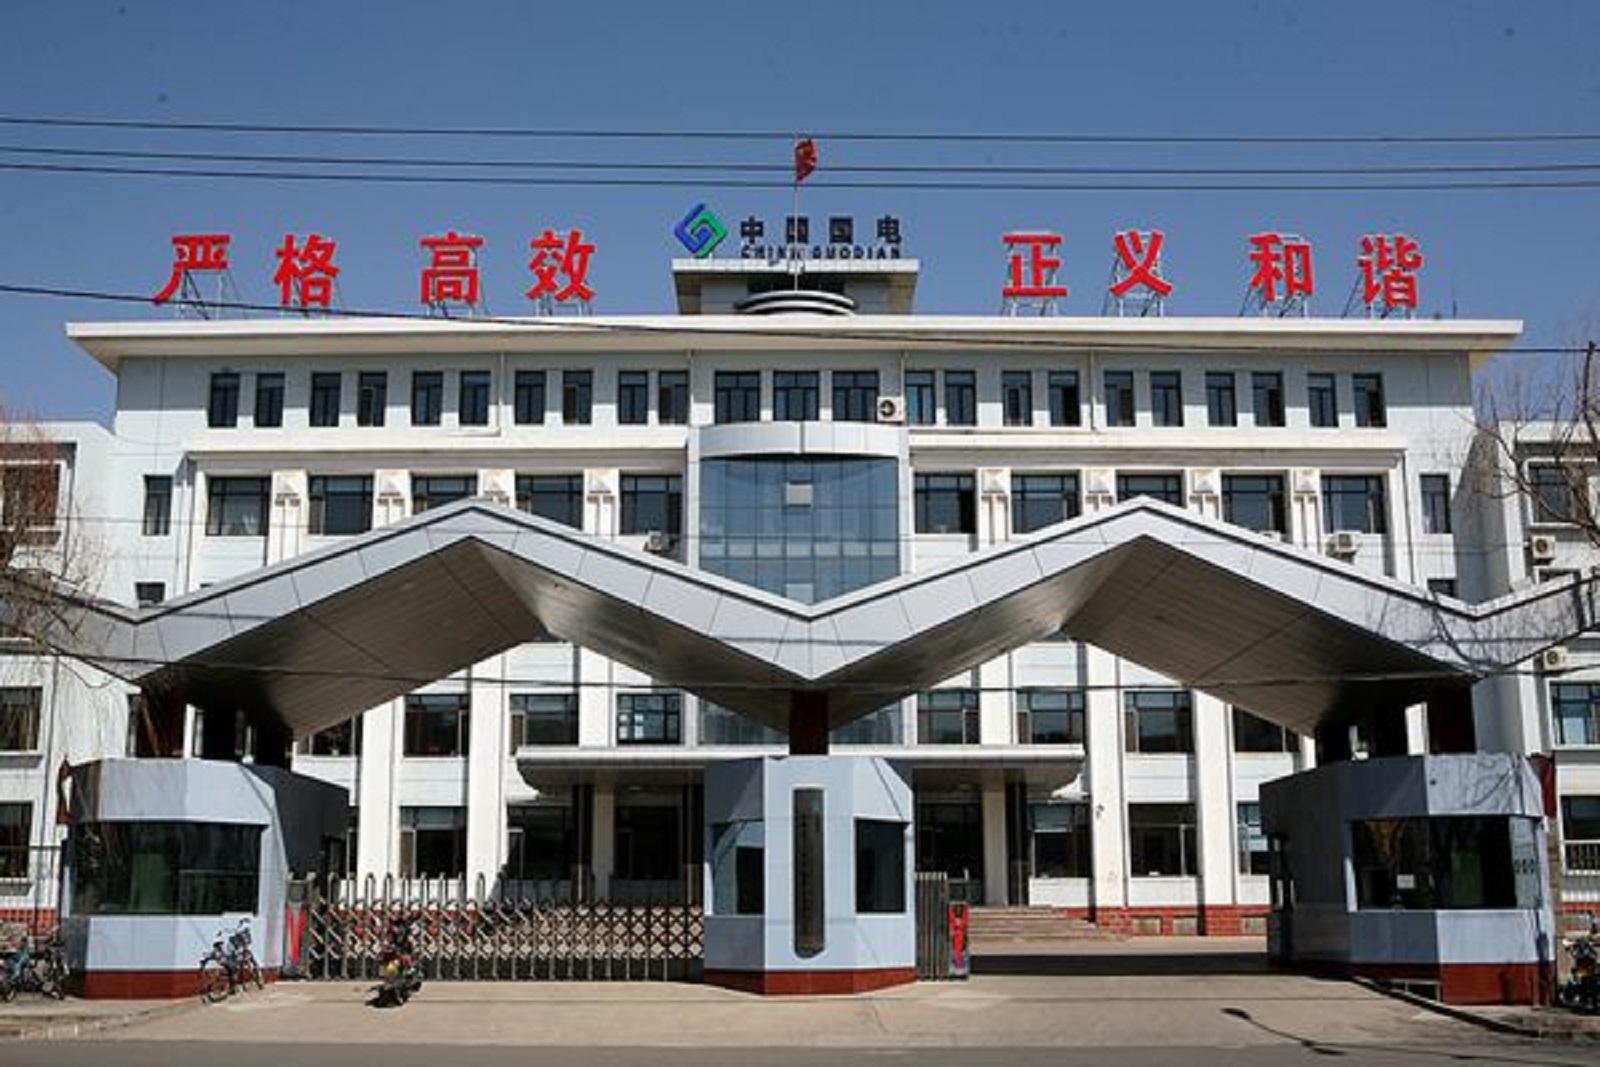 平庄煤业_政企单位厨房工程-赤峰东方厨业